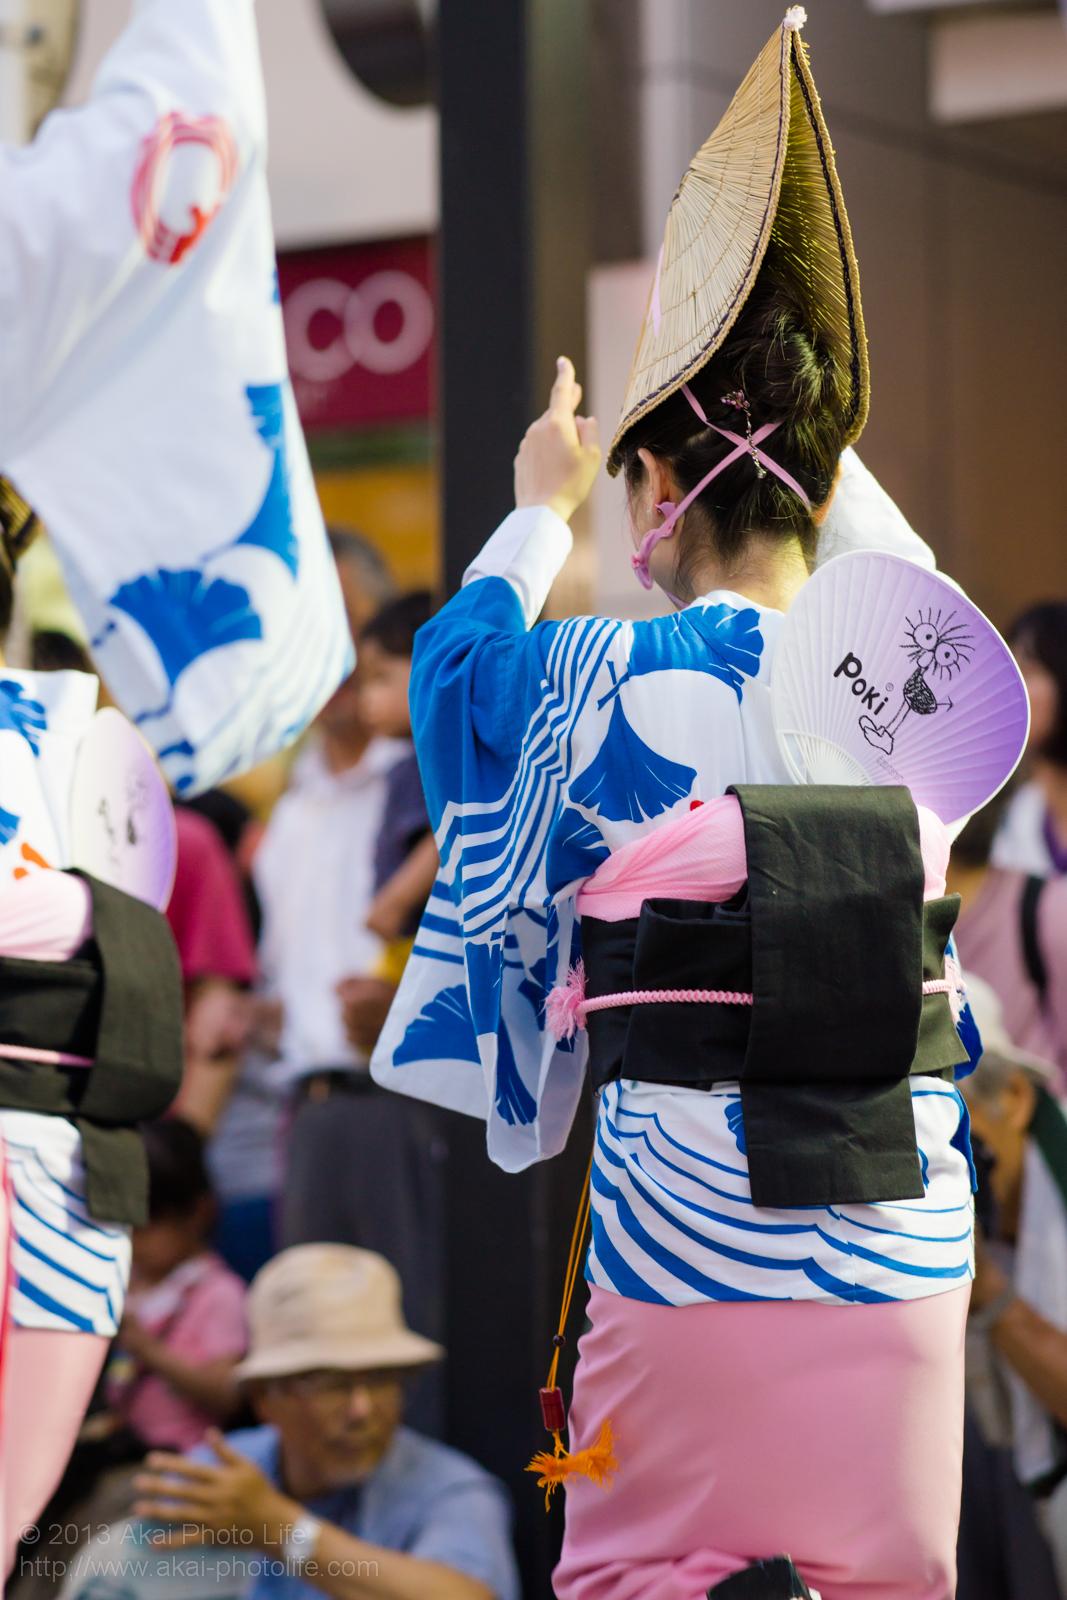 三鷹阿波踊り、みたか市役所連の女踊りとPokiのうちわ